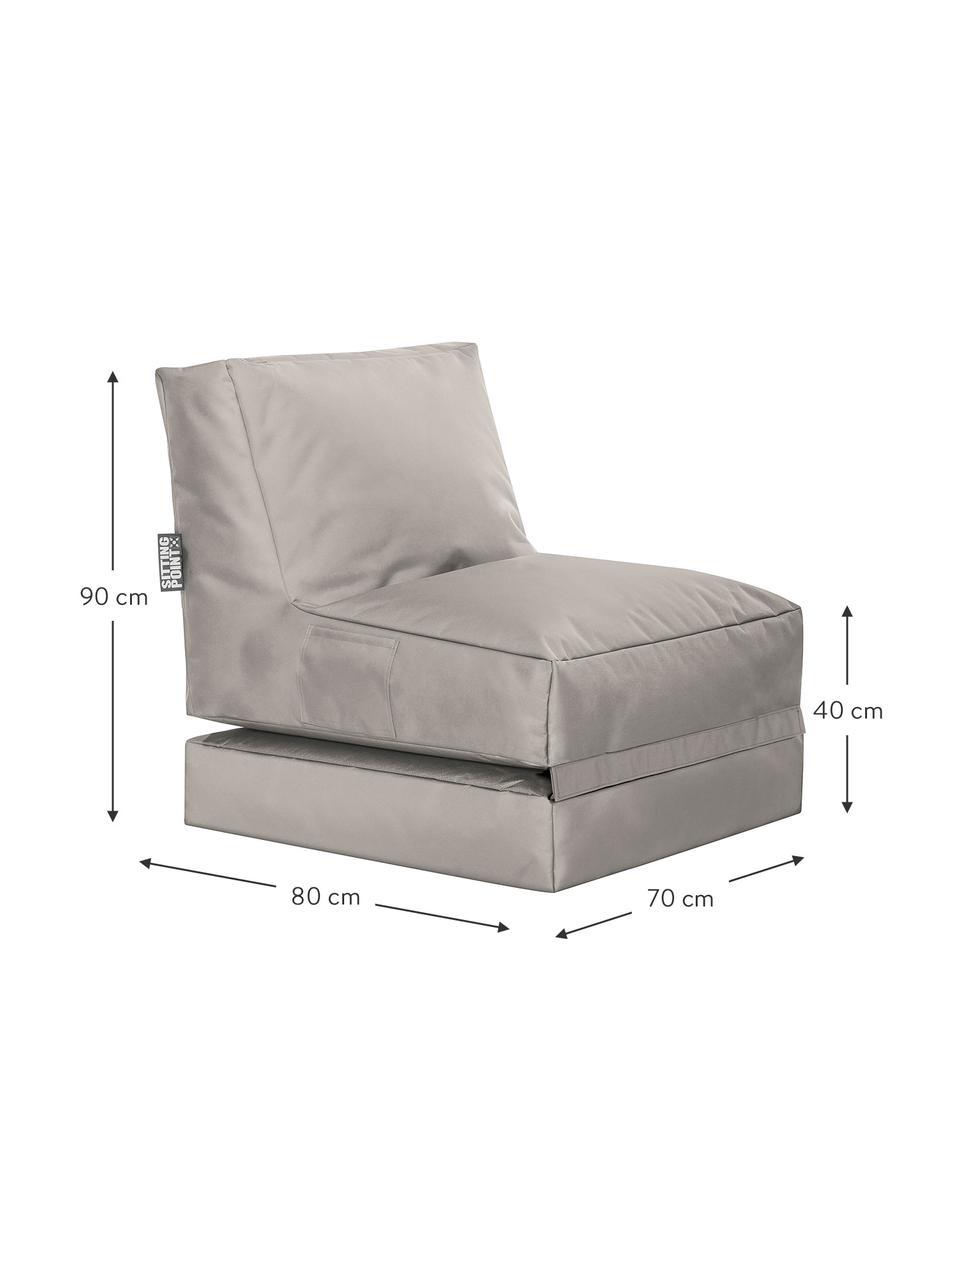 Outdoor loungefauteuil Pop Up met ligfunctie, Bekleding: 100% polyester Binnenzijd, Lichtgrijs, 70 x 90 cm